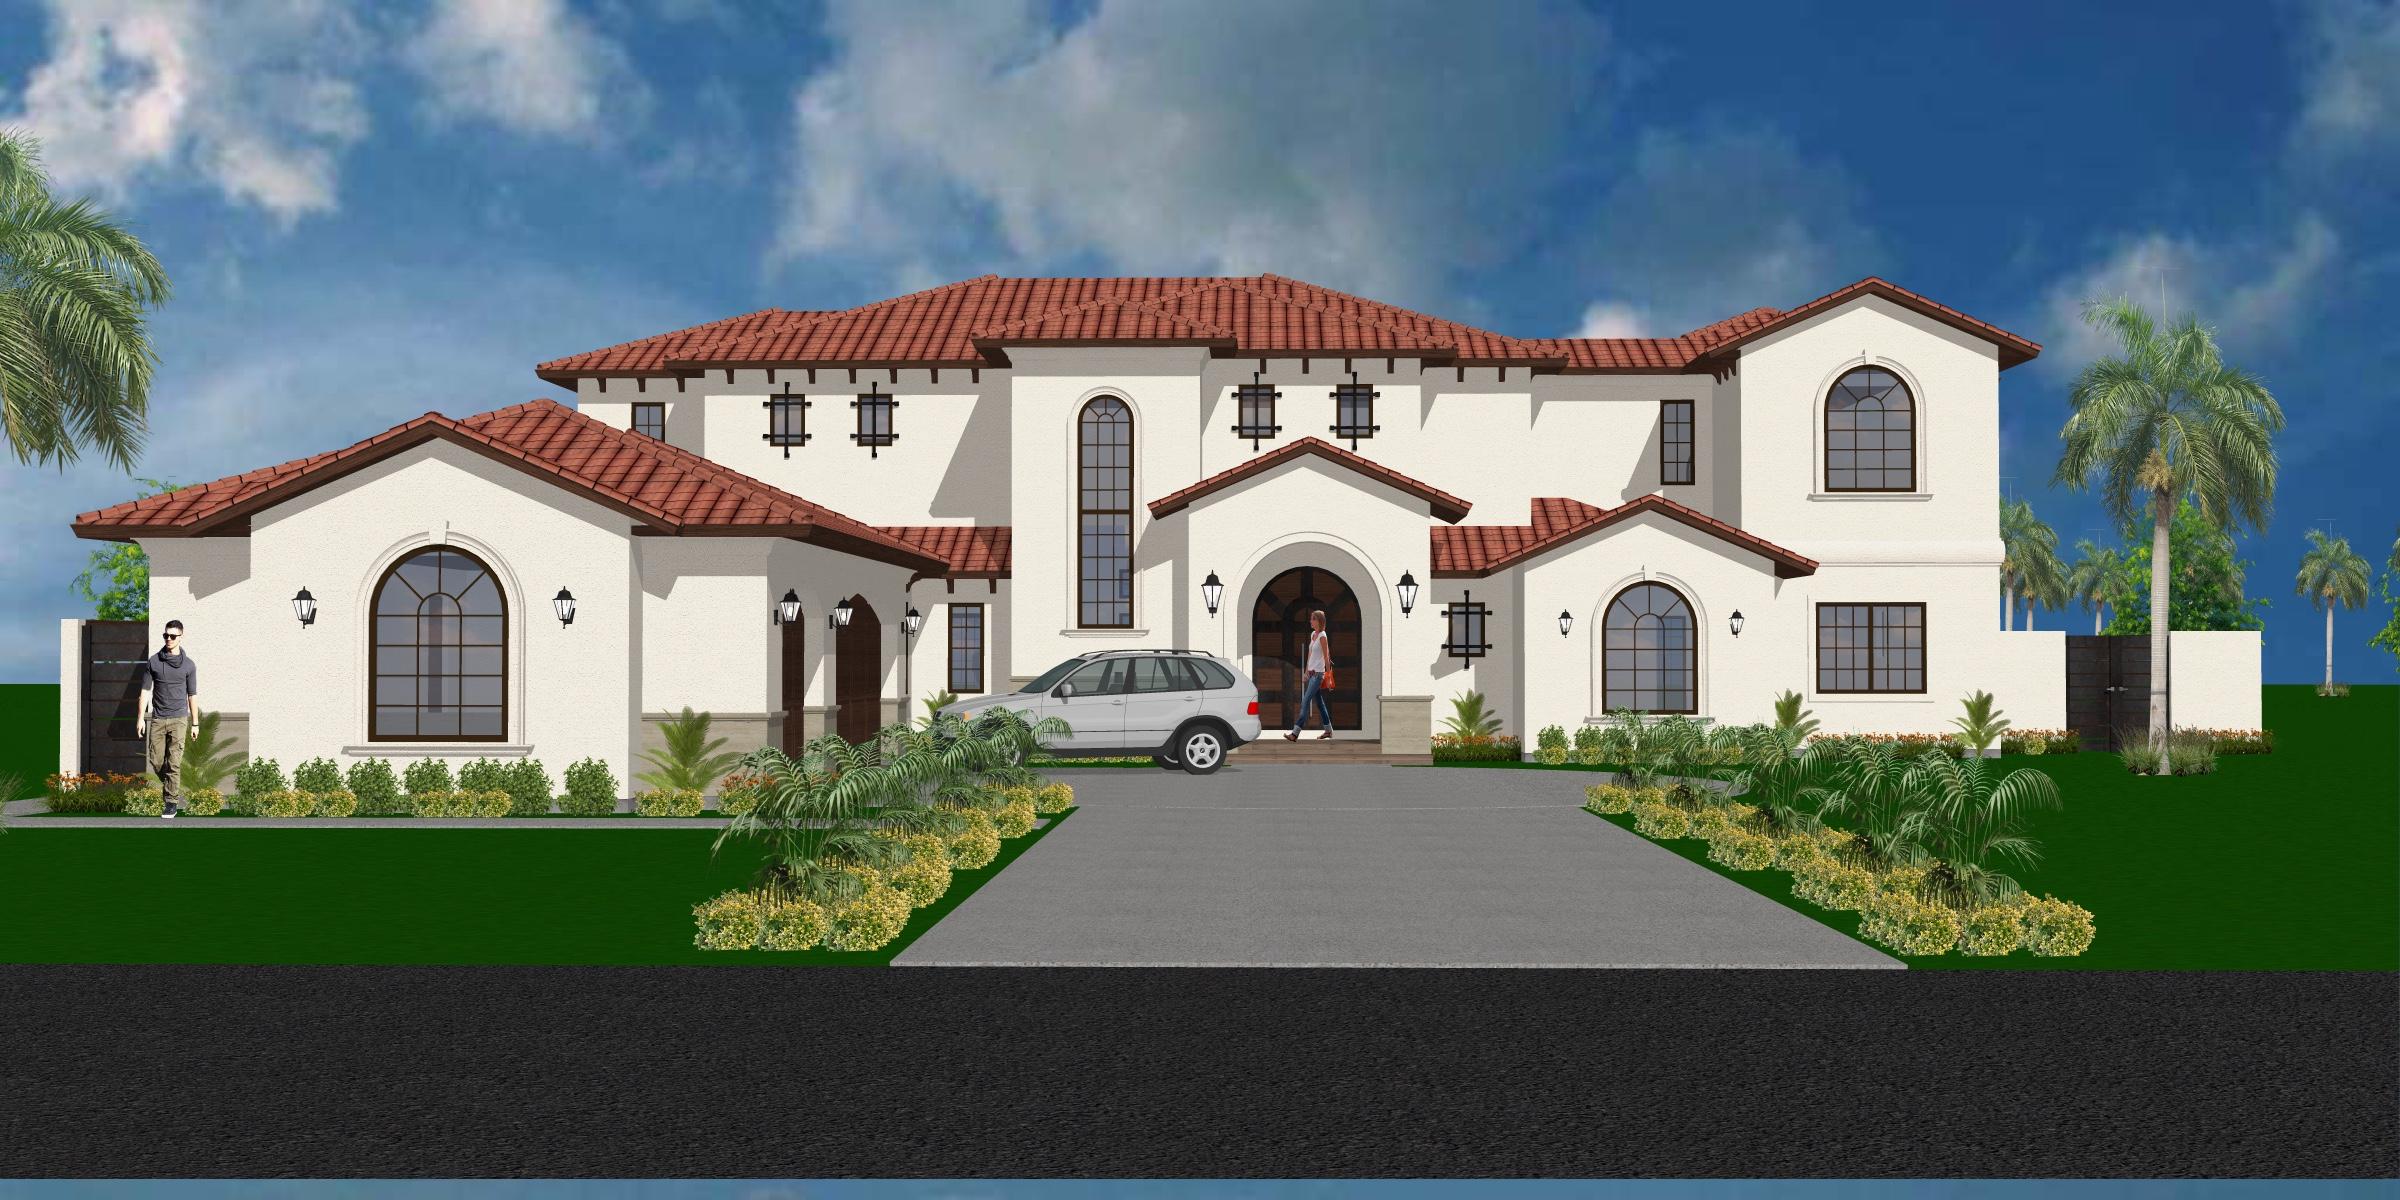 LITORR HOUSE | BROWNSVILLE, TX